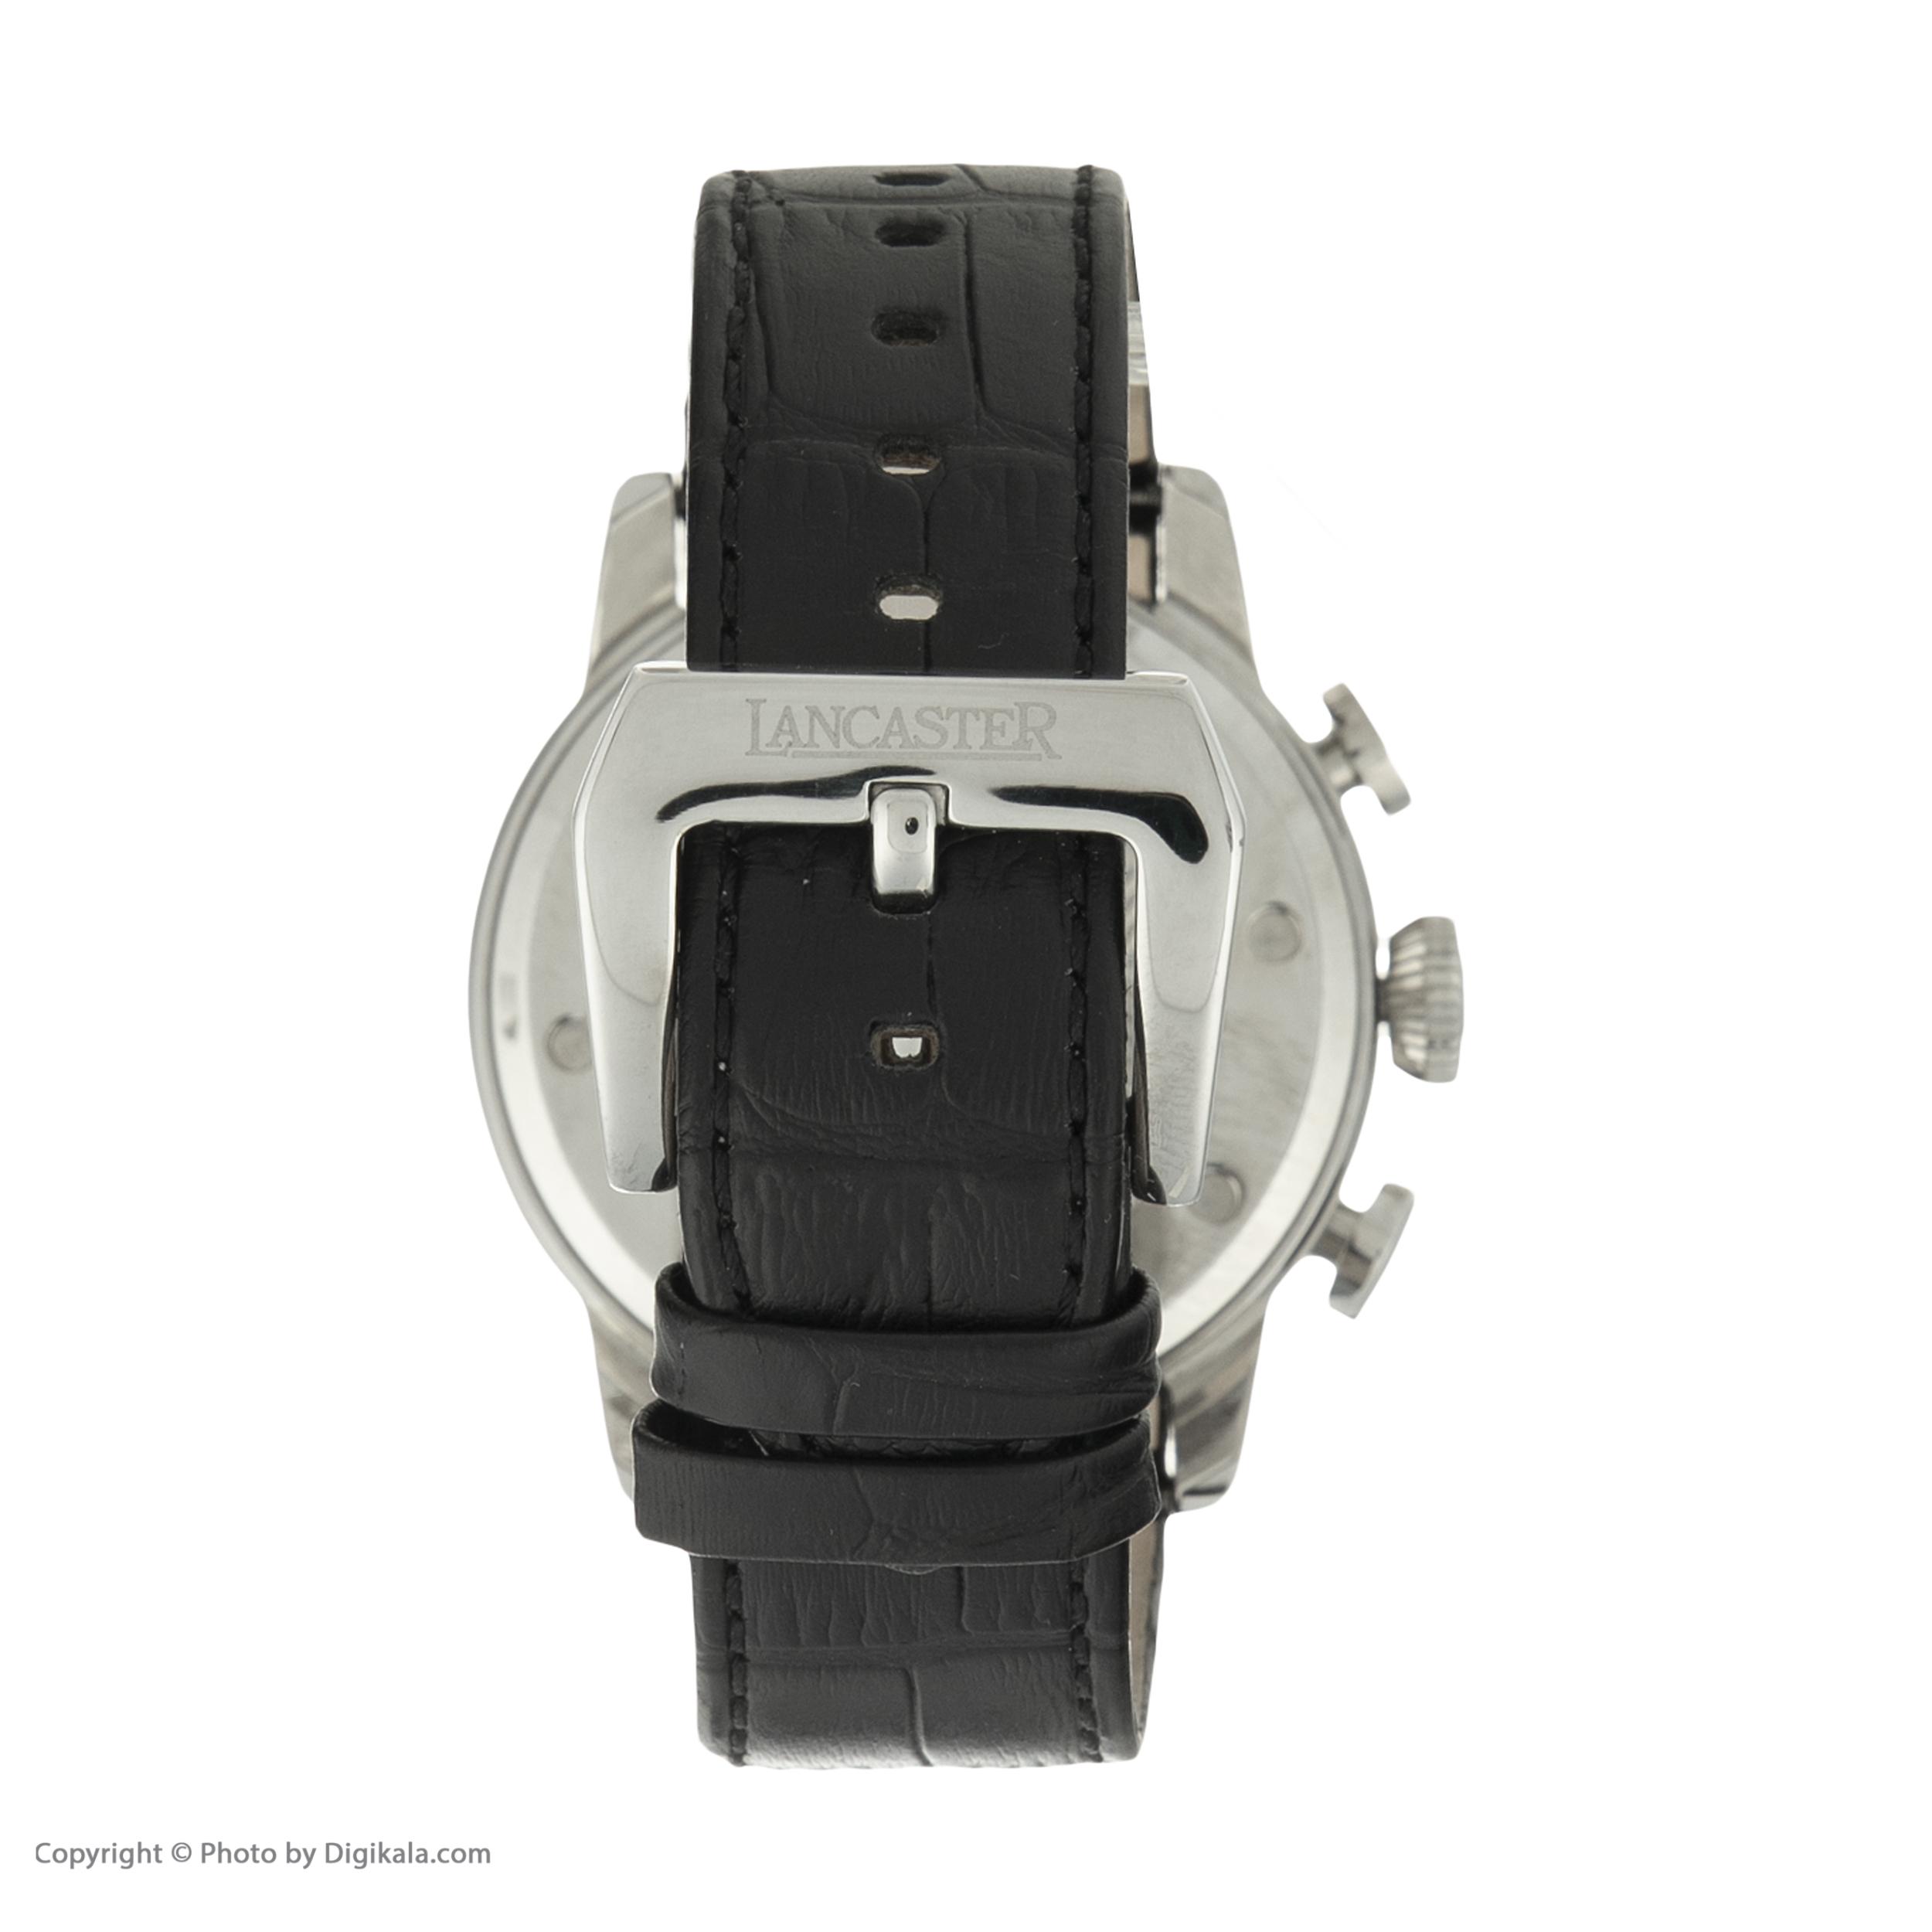 ساعت مچی عقربه ای مردانه لنکستر مدل 0360NR کد 52